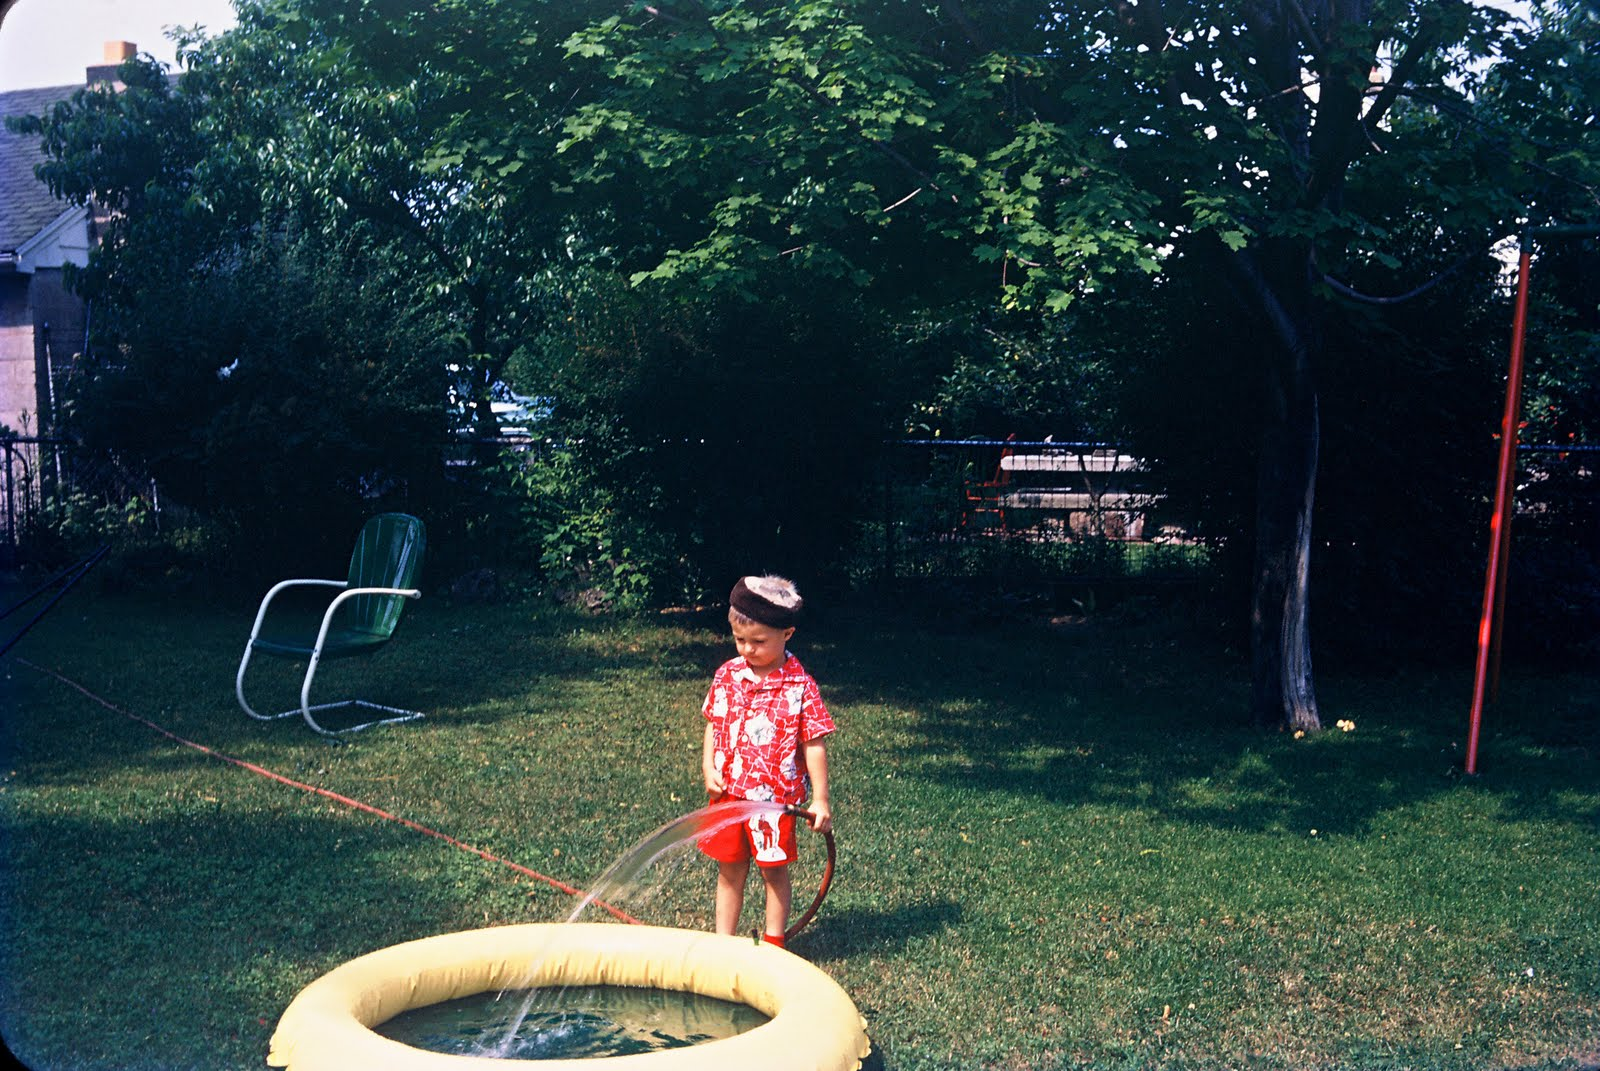 http://4.bp.blogspot.com/-T52lk8dtoiQ/TcnpDu6ZG8I/AAAAAAAAD0Q/m7F6D0khjWY/s1600/Backyard+Pool.jpg